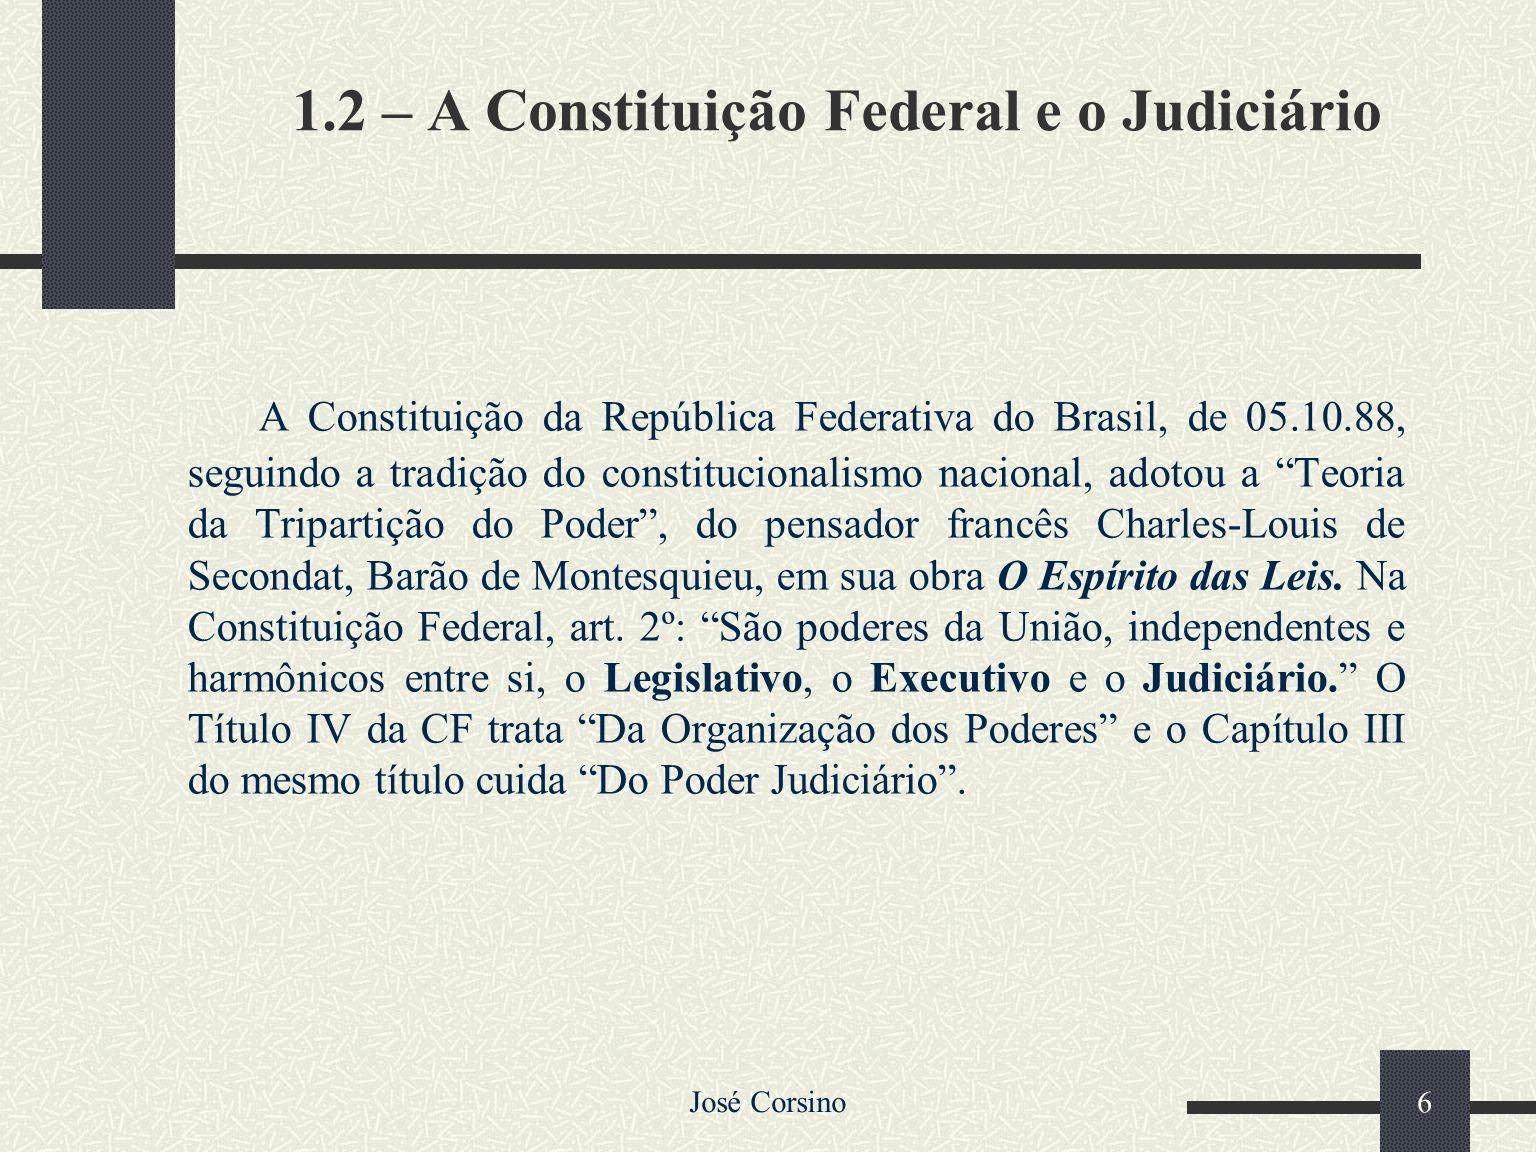 1.2 – A Constituição Federal e o Judiciário